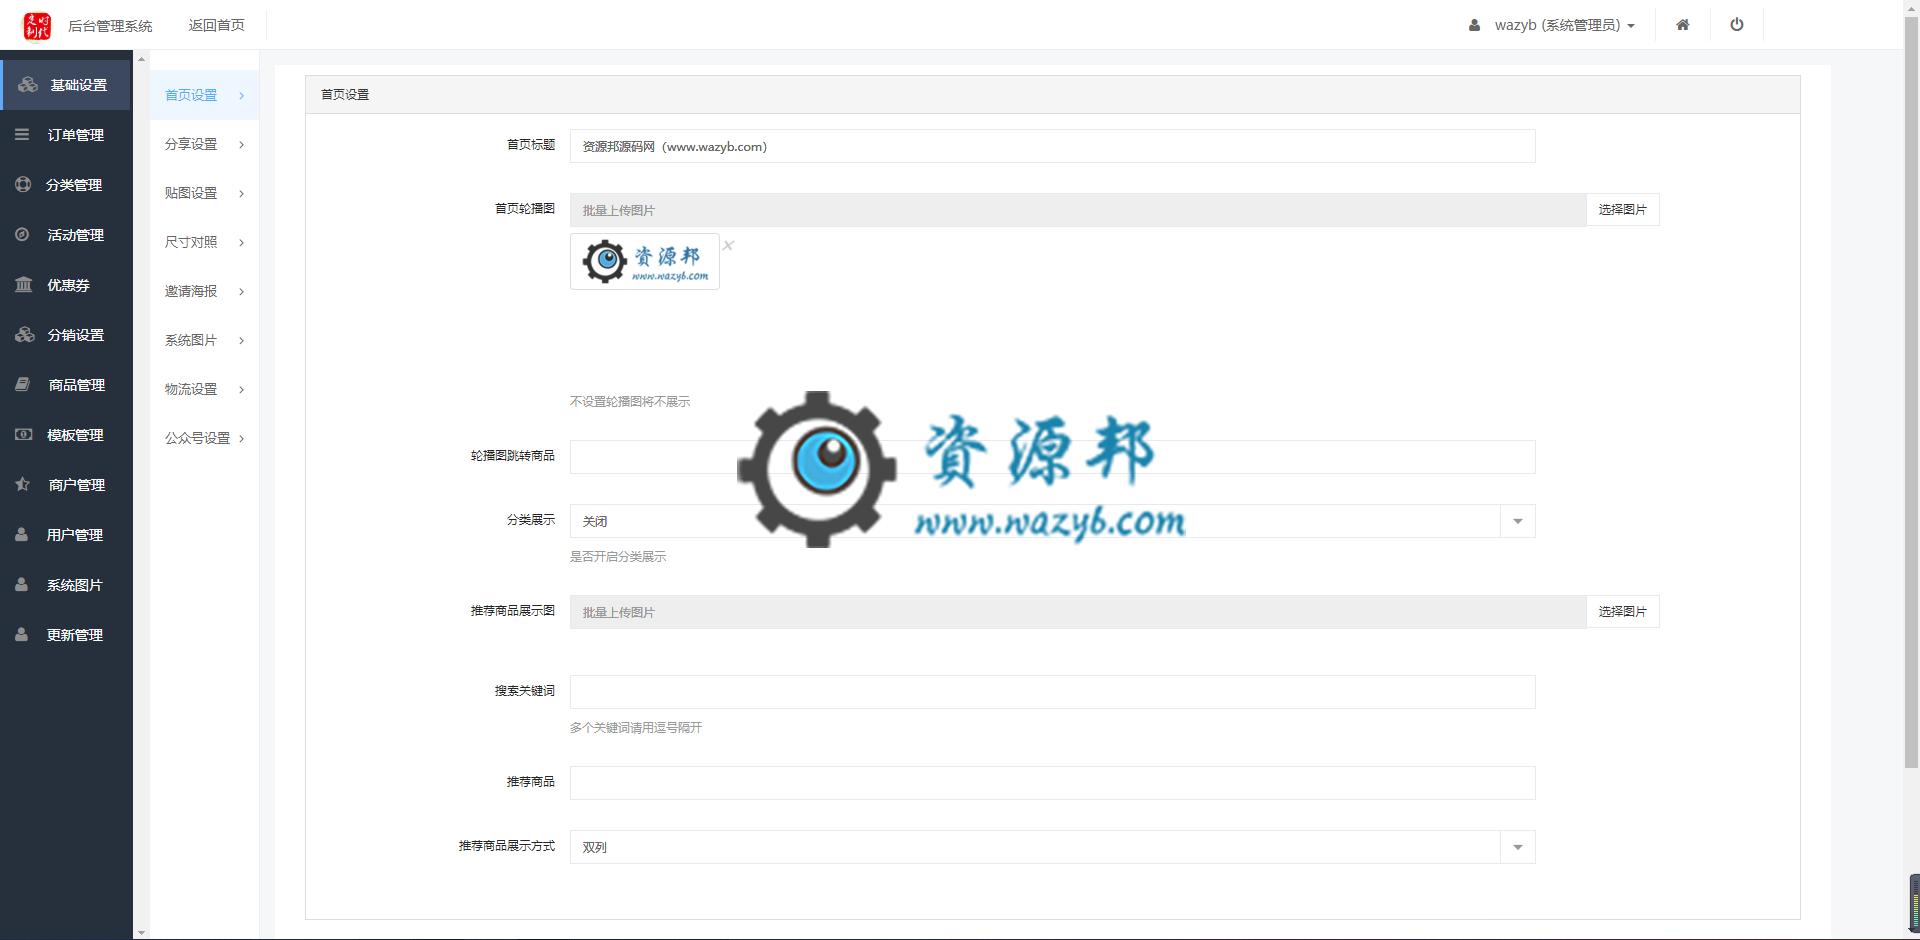 【微信小程序】江小白服饰贴图定制小程序V1.2.2安装包+小程序前端,增加了商品搜索功能 小程序源码 第3张